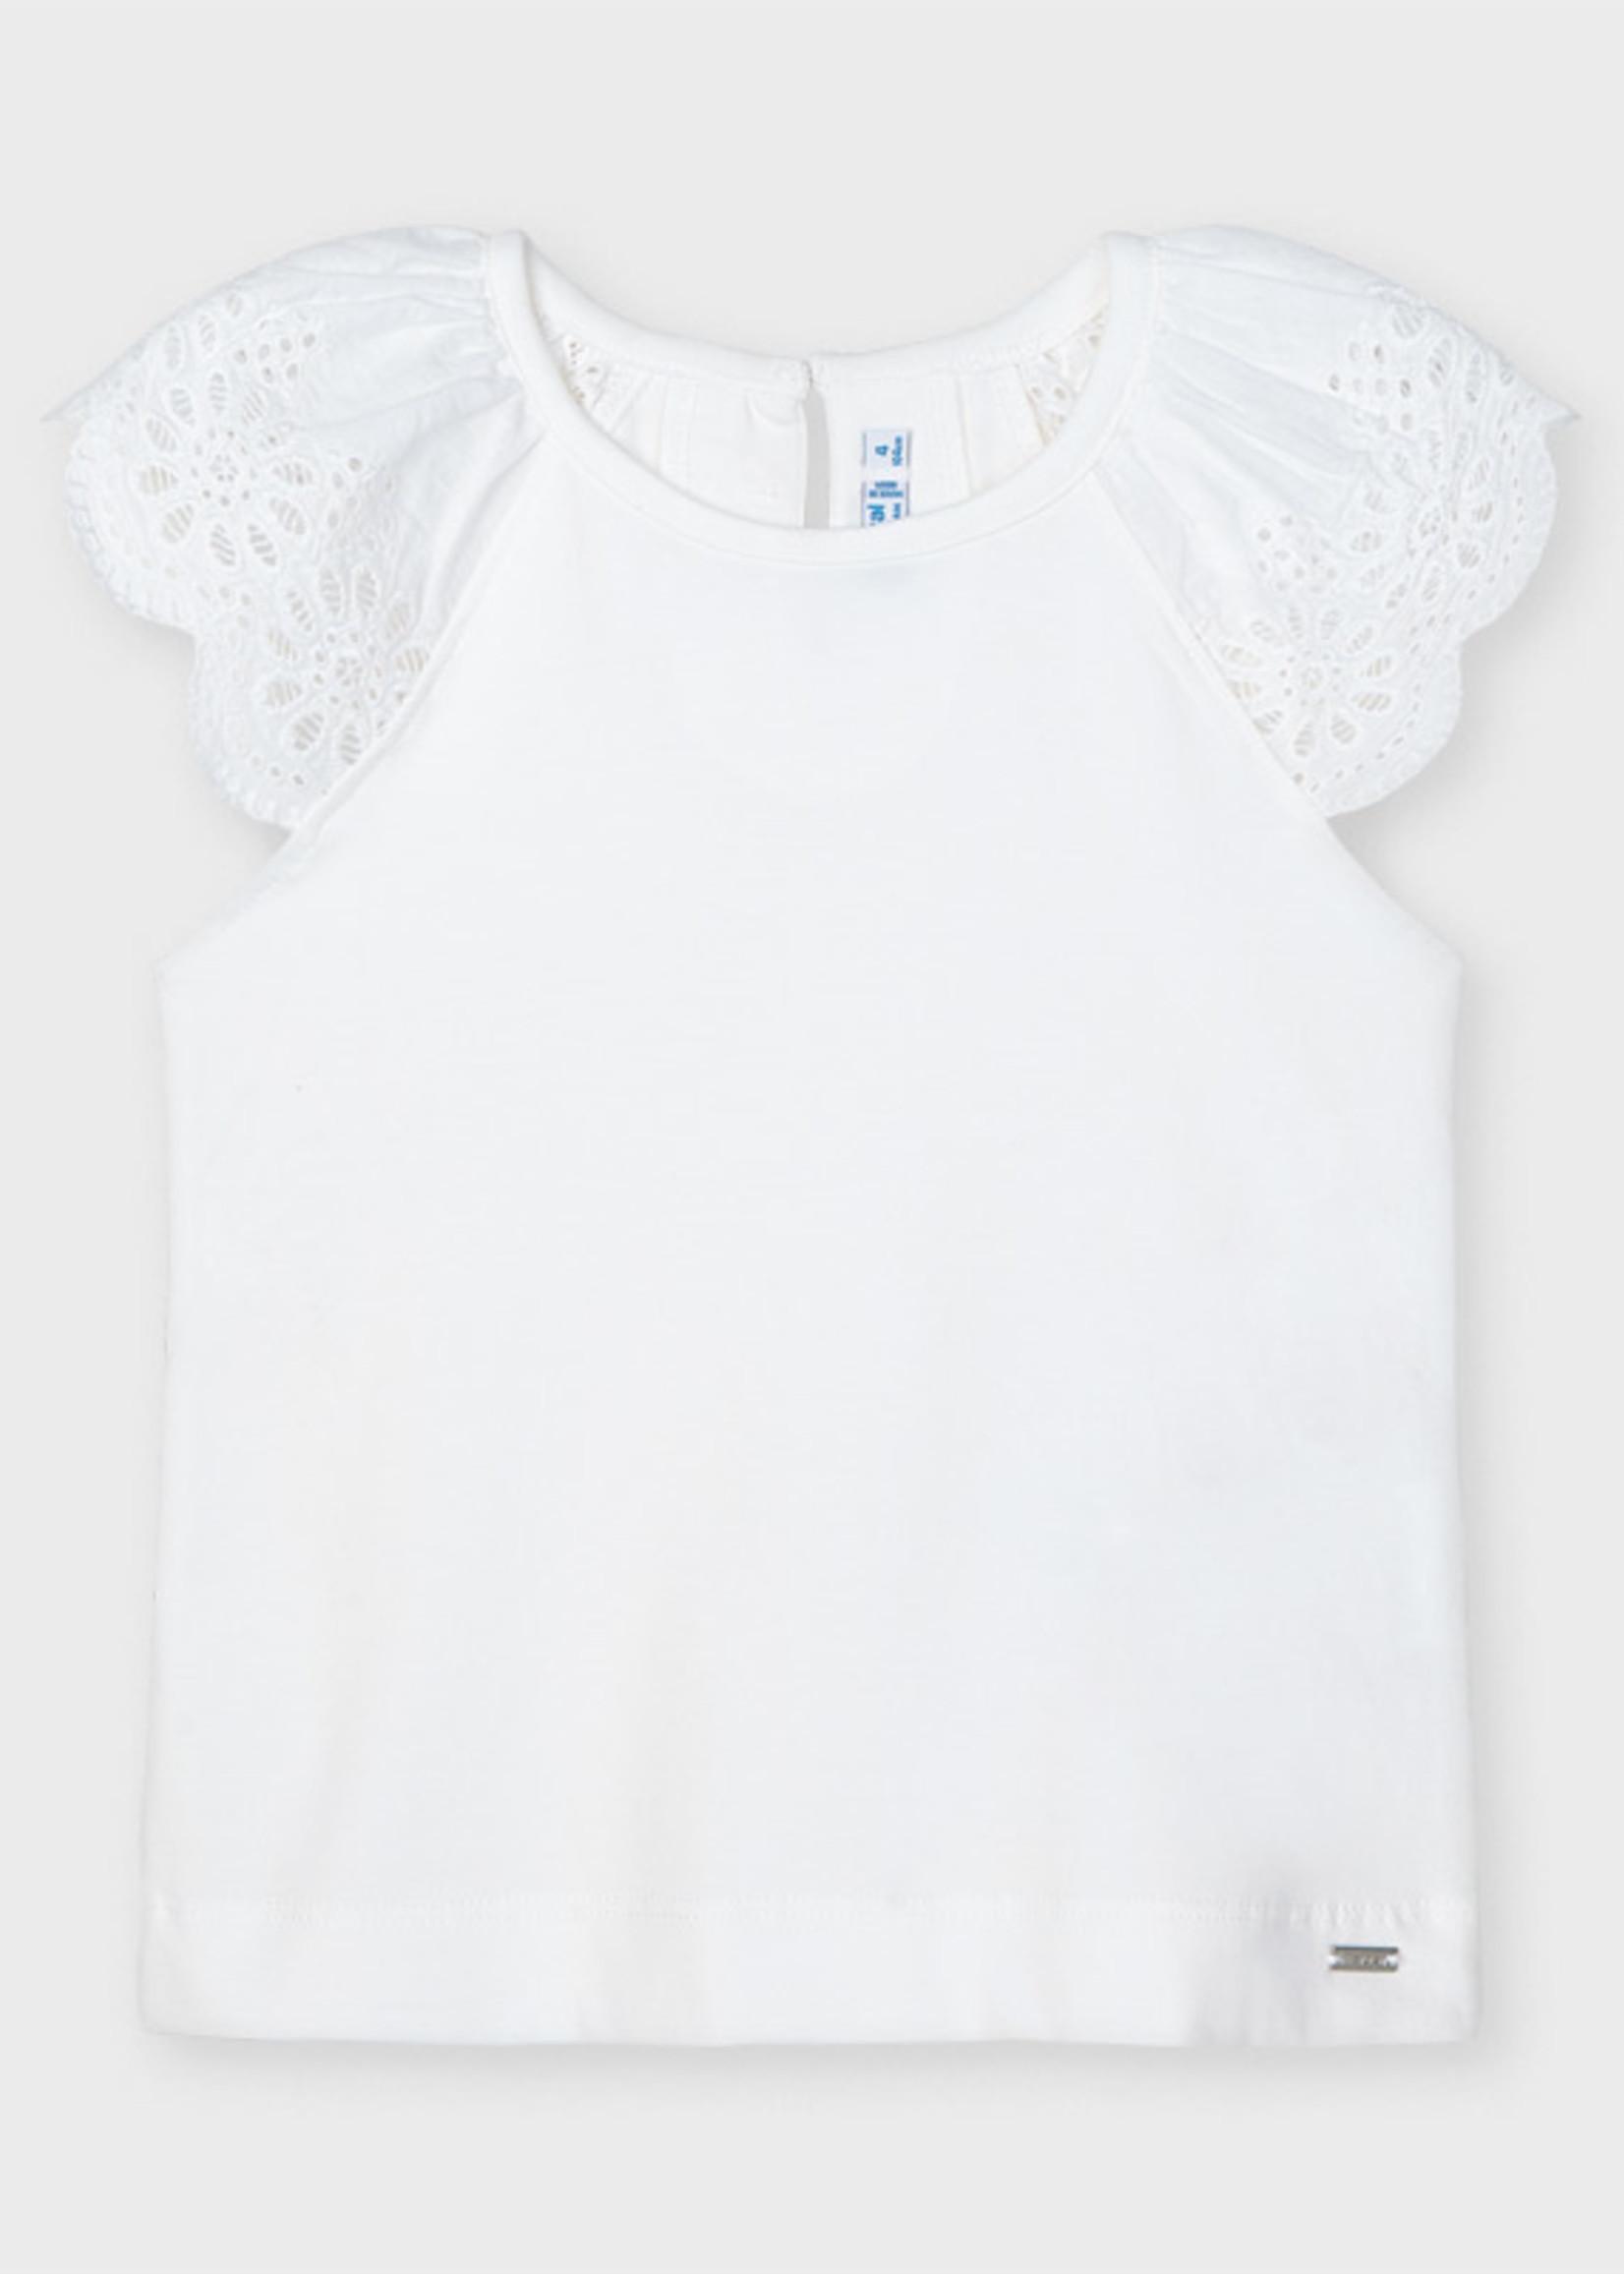 Mayoral Mayoral sleeveless t-shirt white